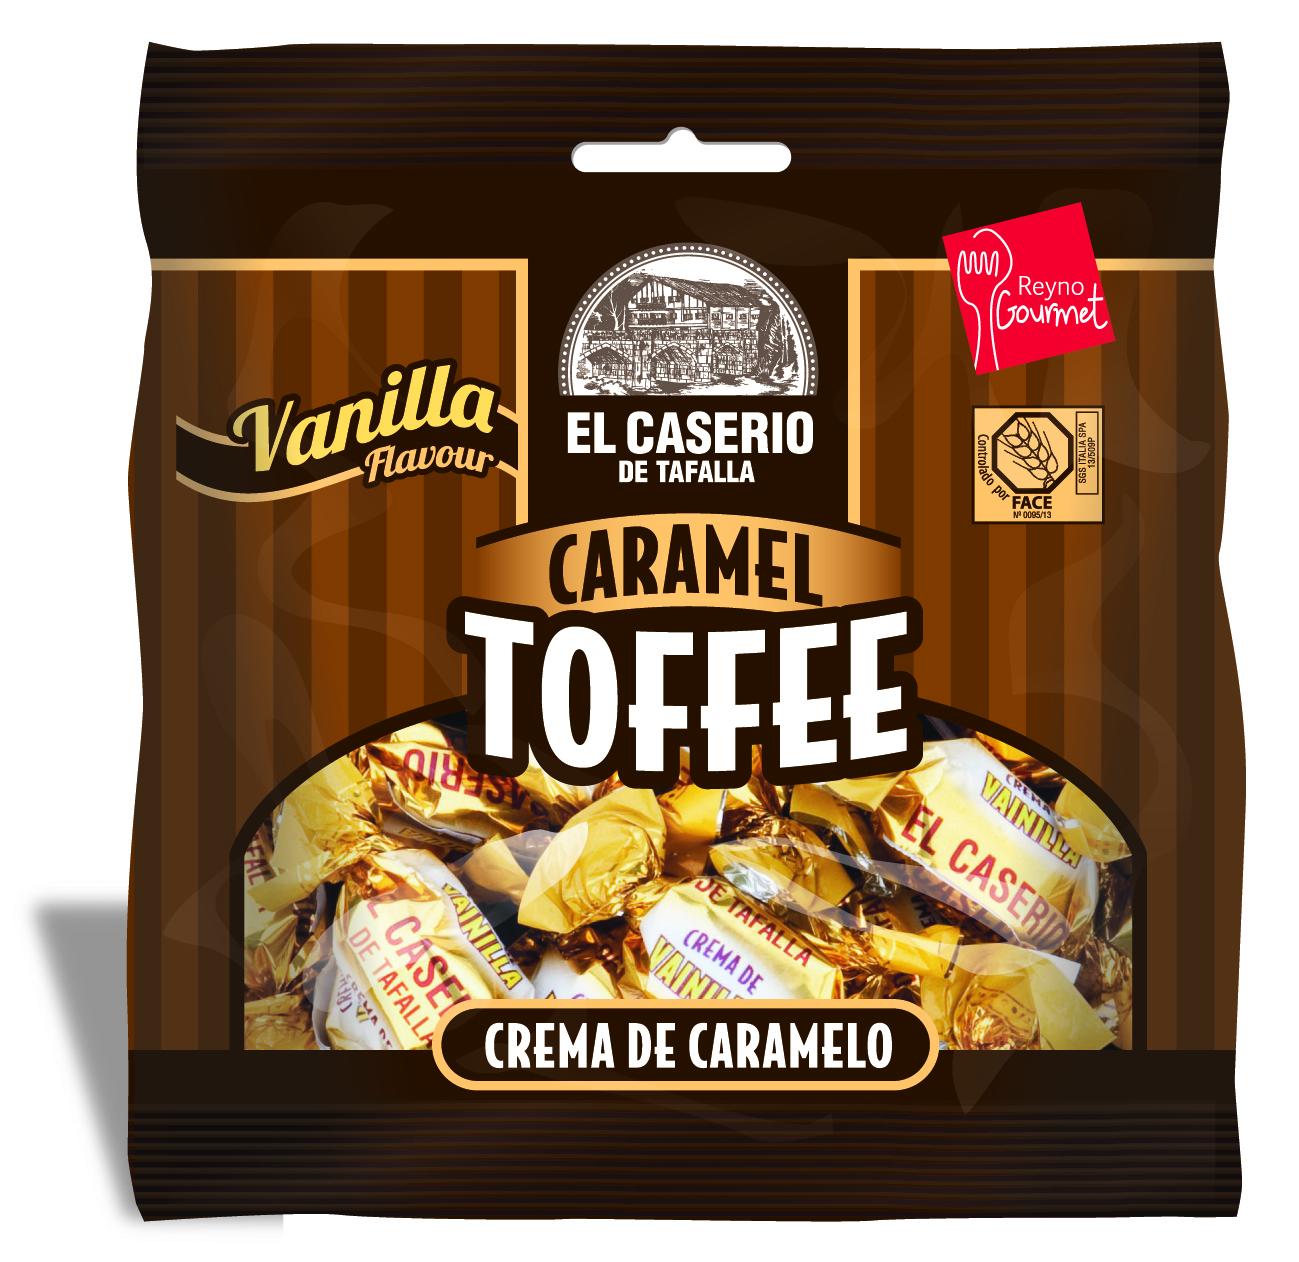 El Caserio de Tafalla Конфеты сливочные ванильные карамельные пакет, 85 г карамель бон пари дыня арбуз 75 г